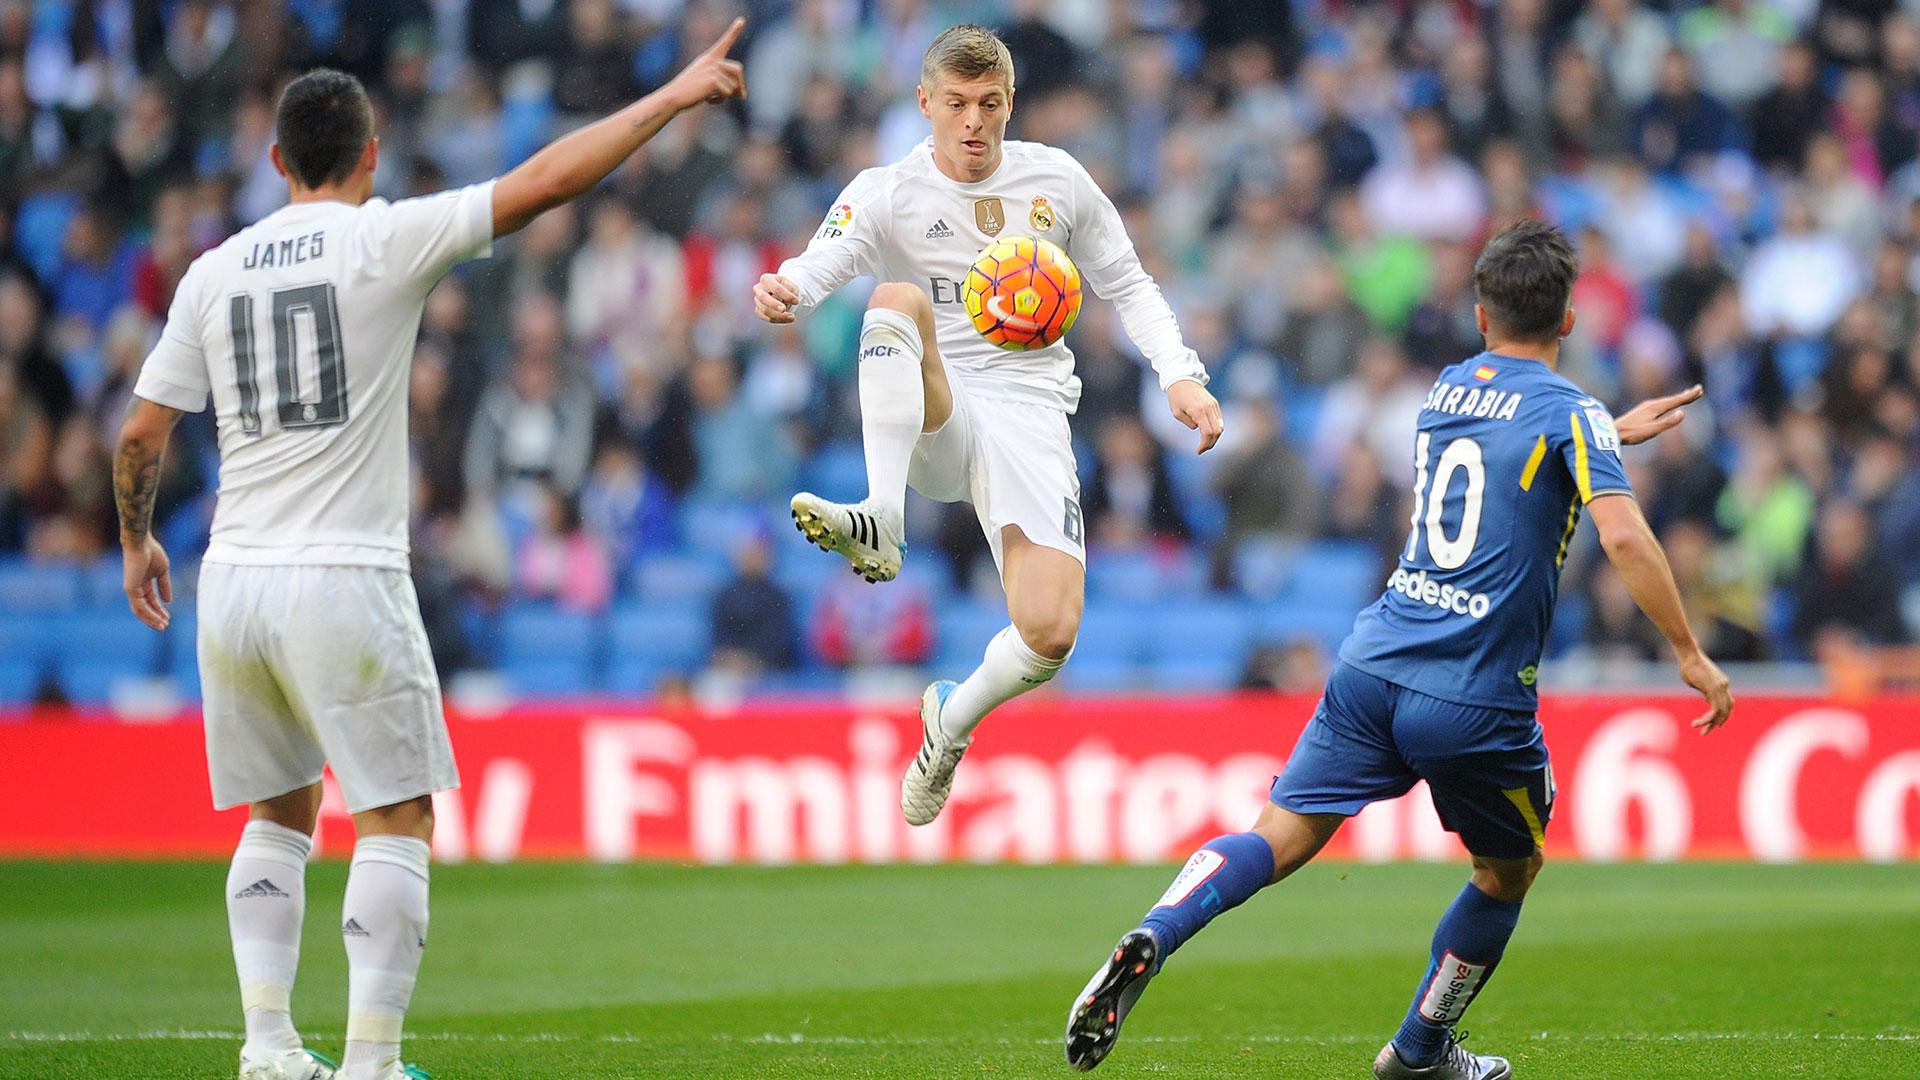 Hinchas del Real Madrid silbaron a James Rodríguez, Isco, Jesé y Danilo